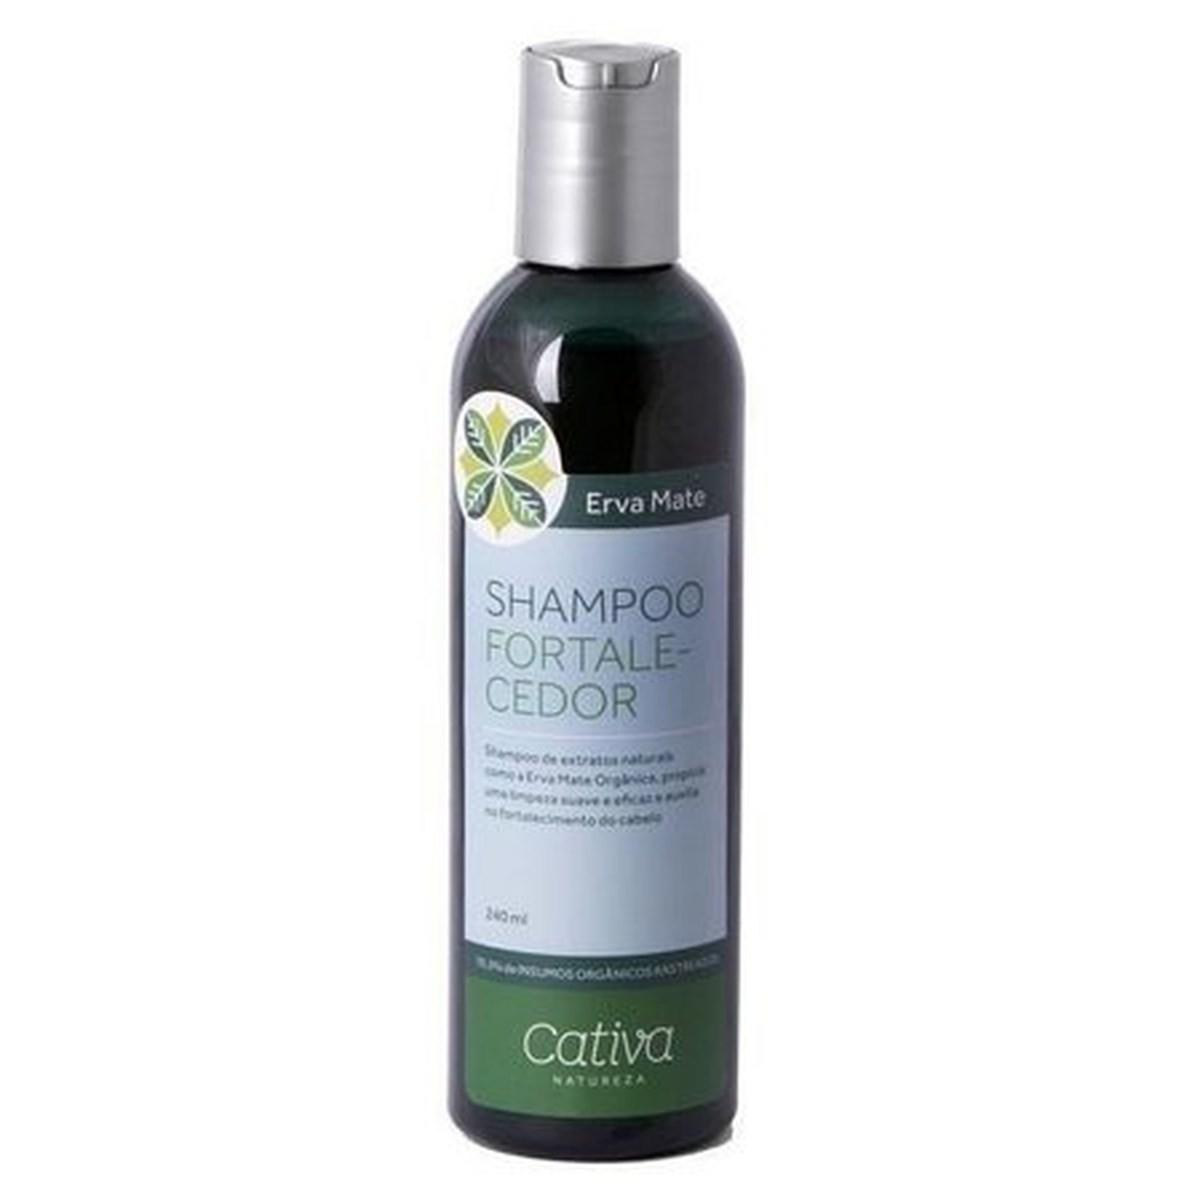 Shampoo Natural e Vegano Cativa Natureza Erva Mate Fortalecedor 240 ml